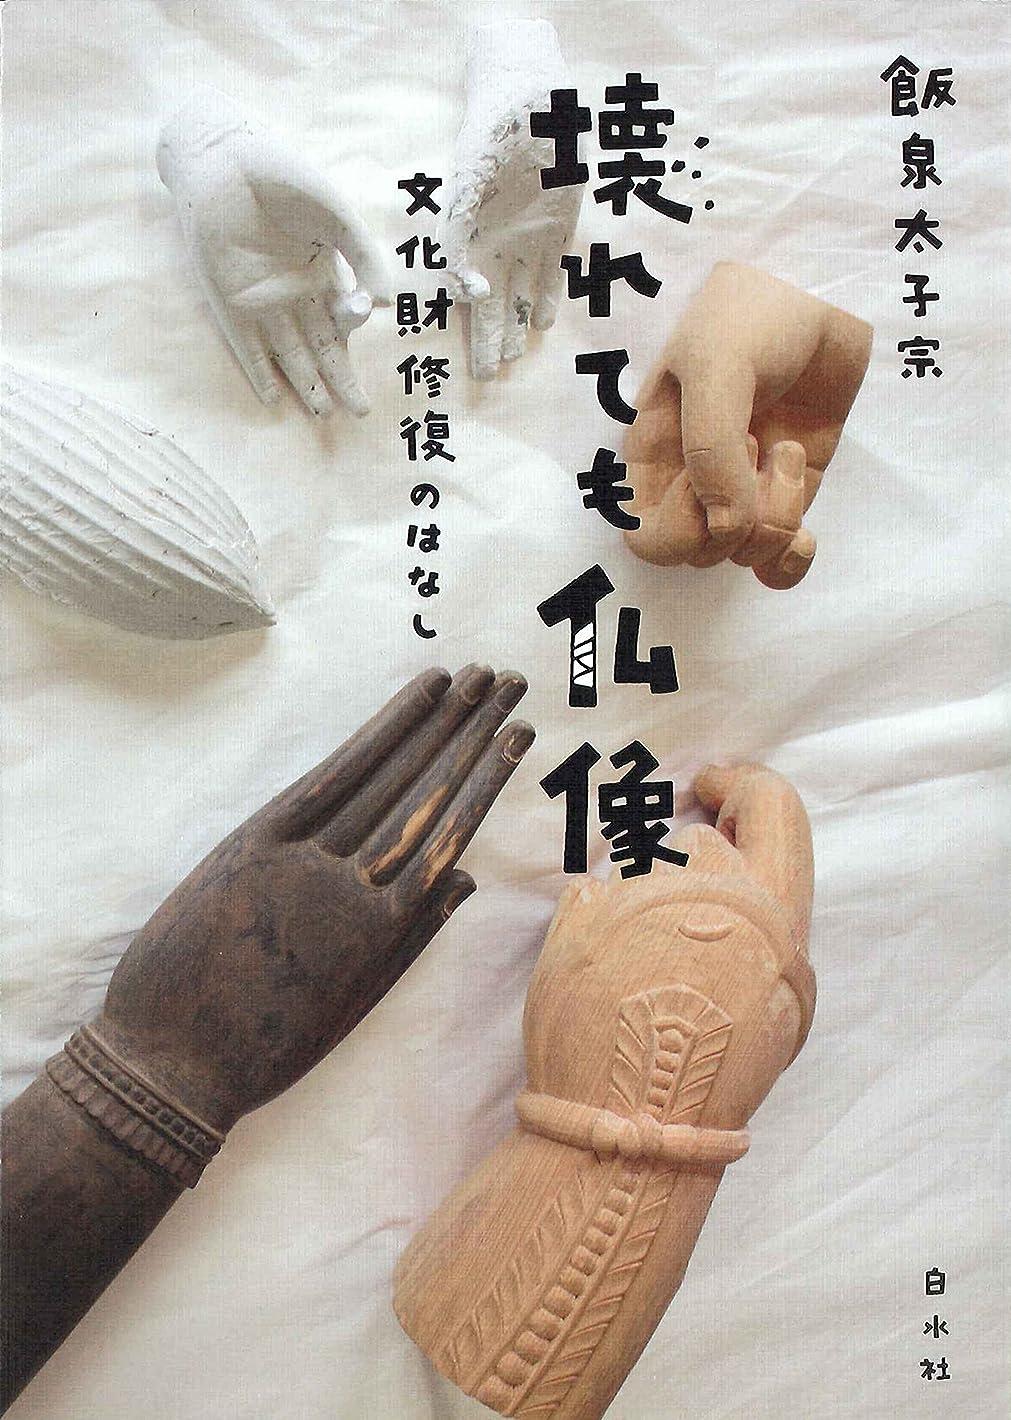 アナロジー意気消沈したおとこ壊れても仏像 : 文化財修復のはなし